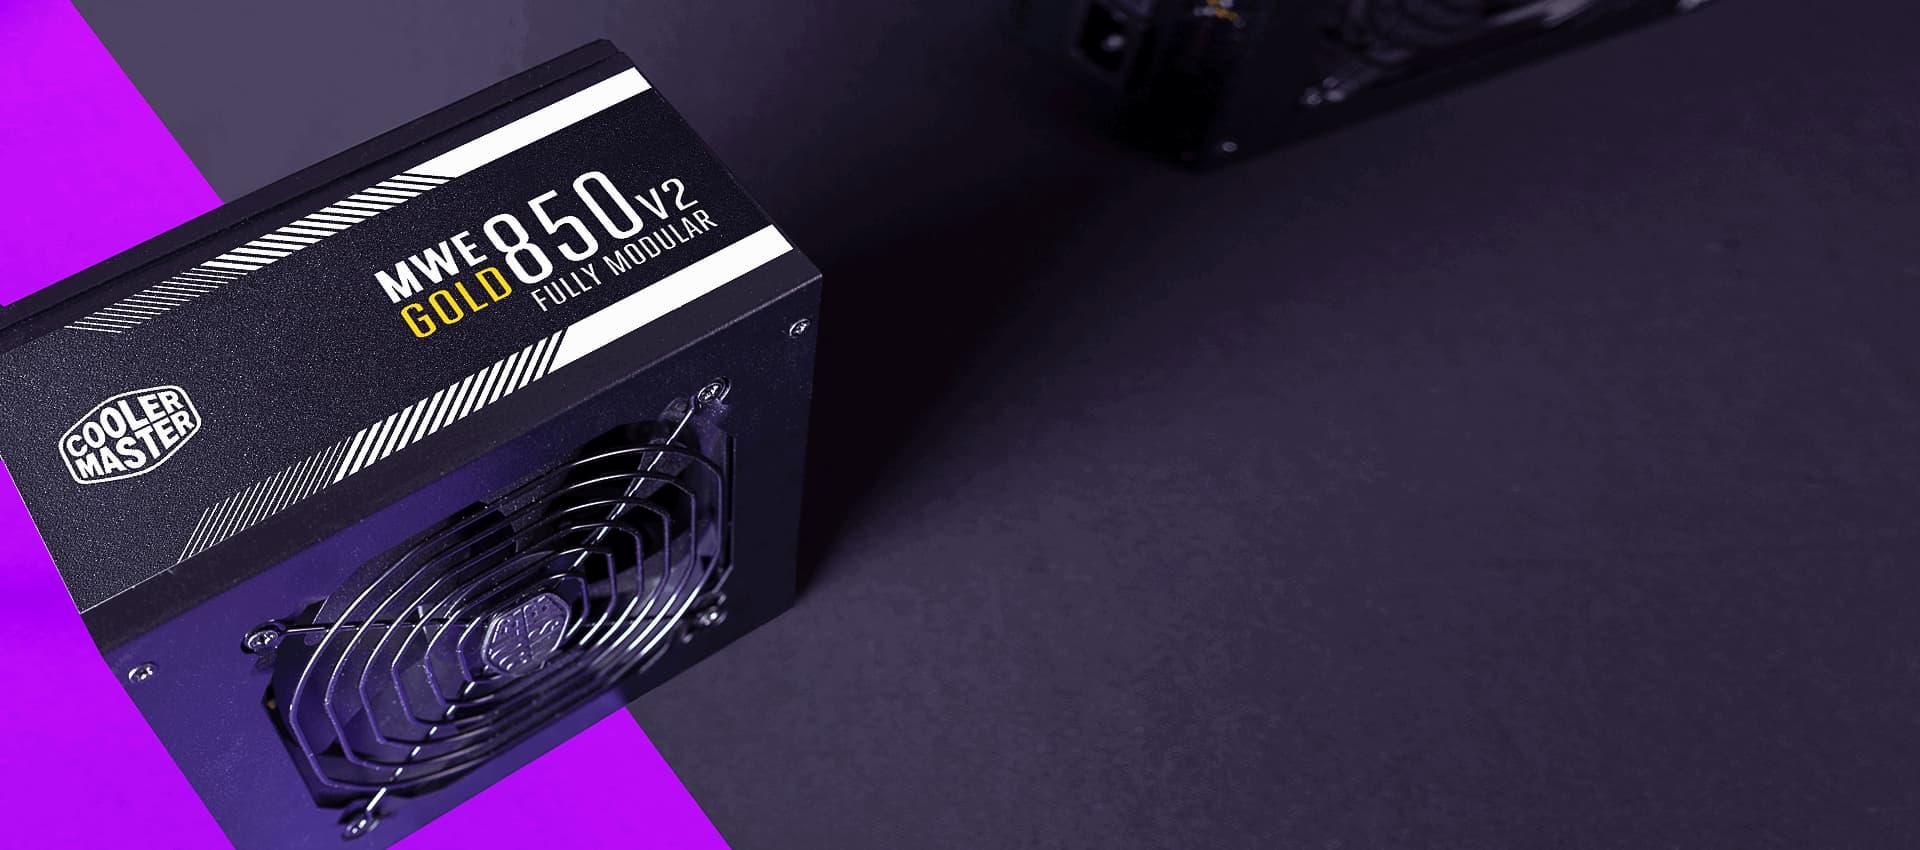 MWE GOLD 850 V2 FULL MODULAR